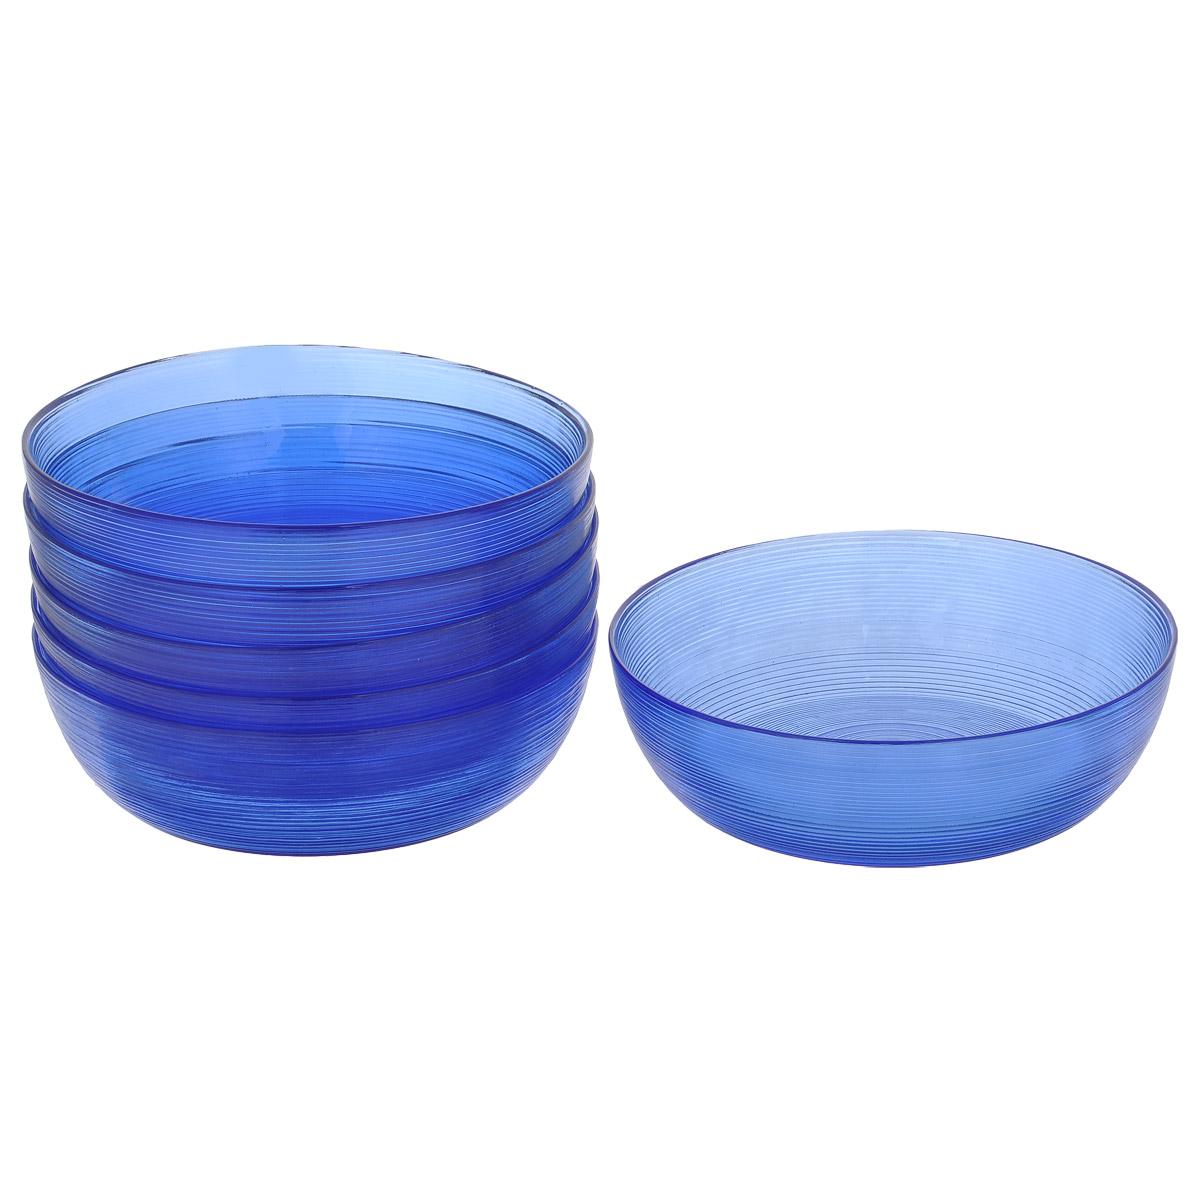 Набор салатников, цвет: синий, диаметр 13 см, 6 шт. Кт 1301213012Набор салатников, выполненный из стекла, будет уместен на любой кухне и понравится каждой хозяйке. В набор входят шесть салатников. Внешняя сторона салатника имеет рельефную поверхность. Изделия сочетают в себе изысканный дизайн с максимальной функциональностью. Такой набор салатников придется по вкусу и ценителям классики, и тем, кто предпочитает утонченность и изящность.